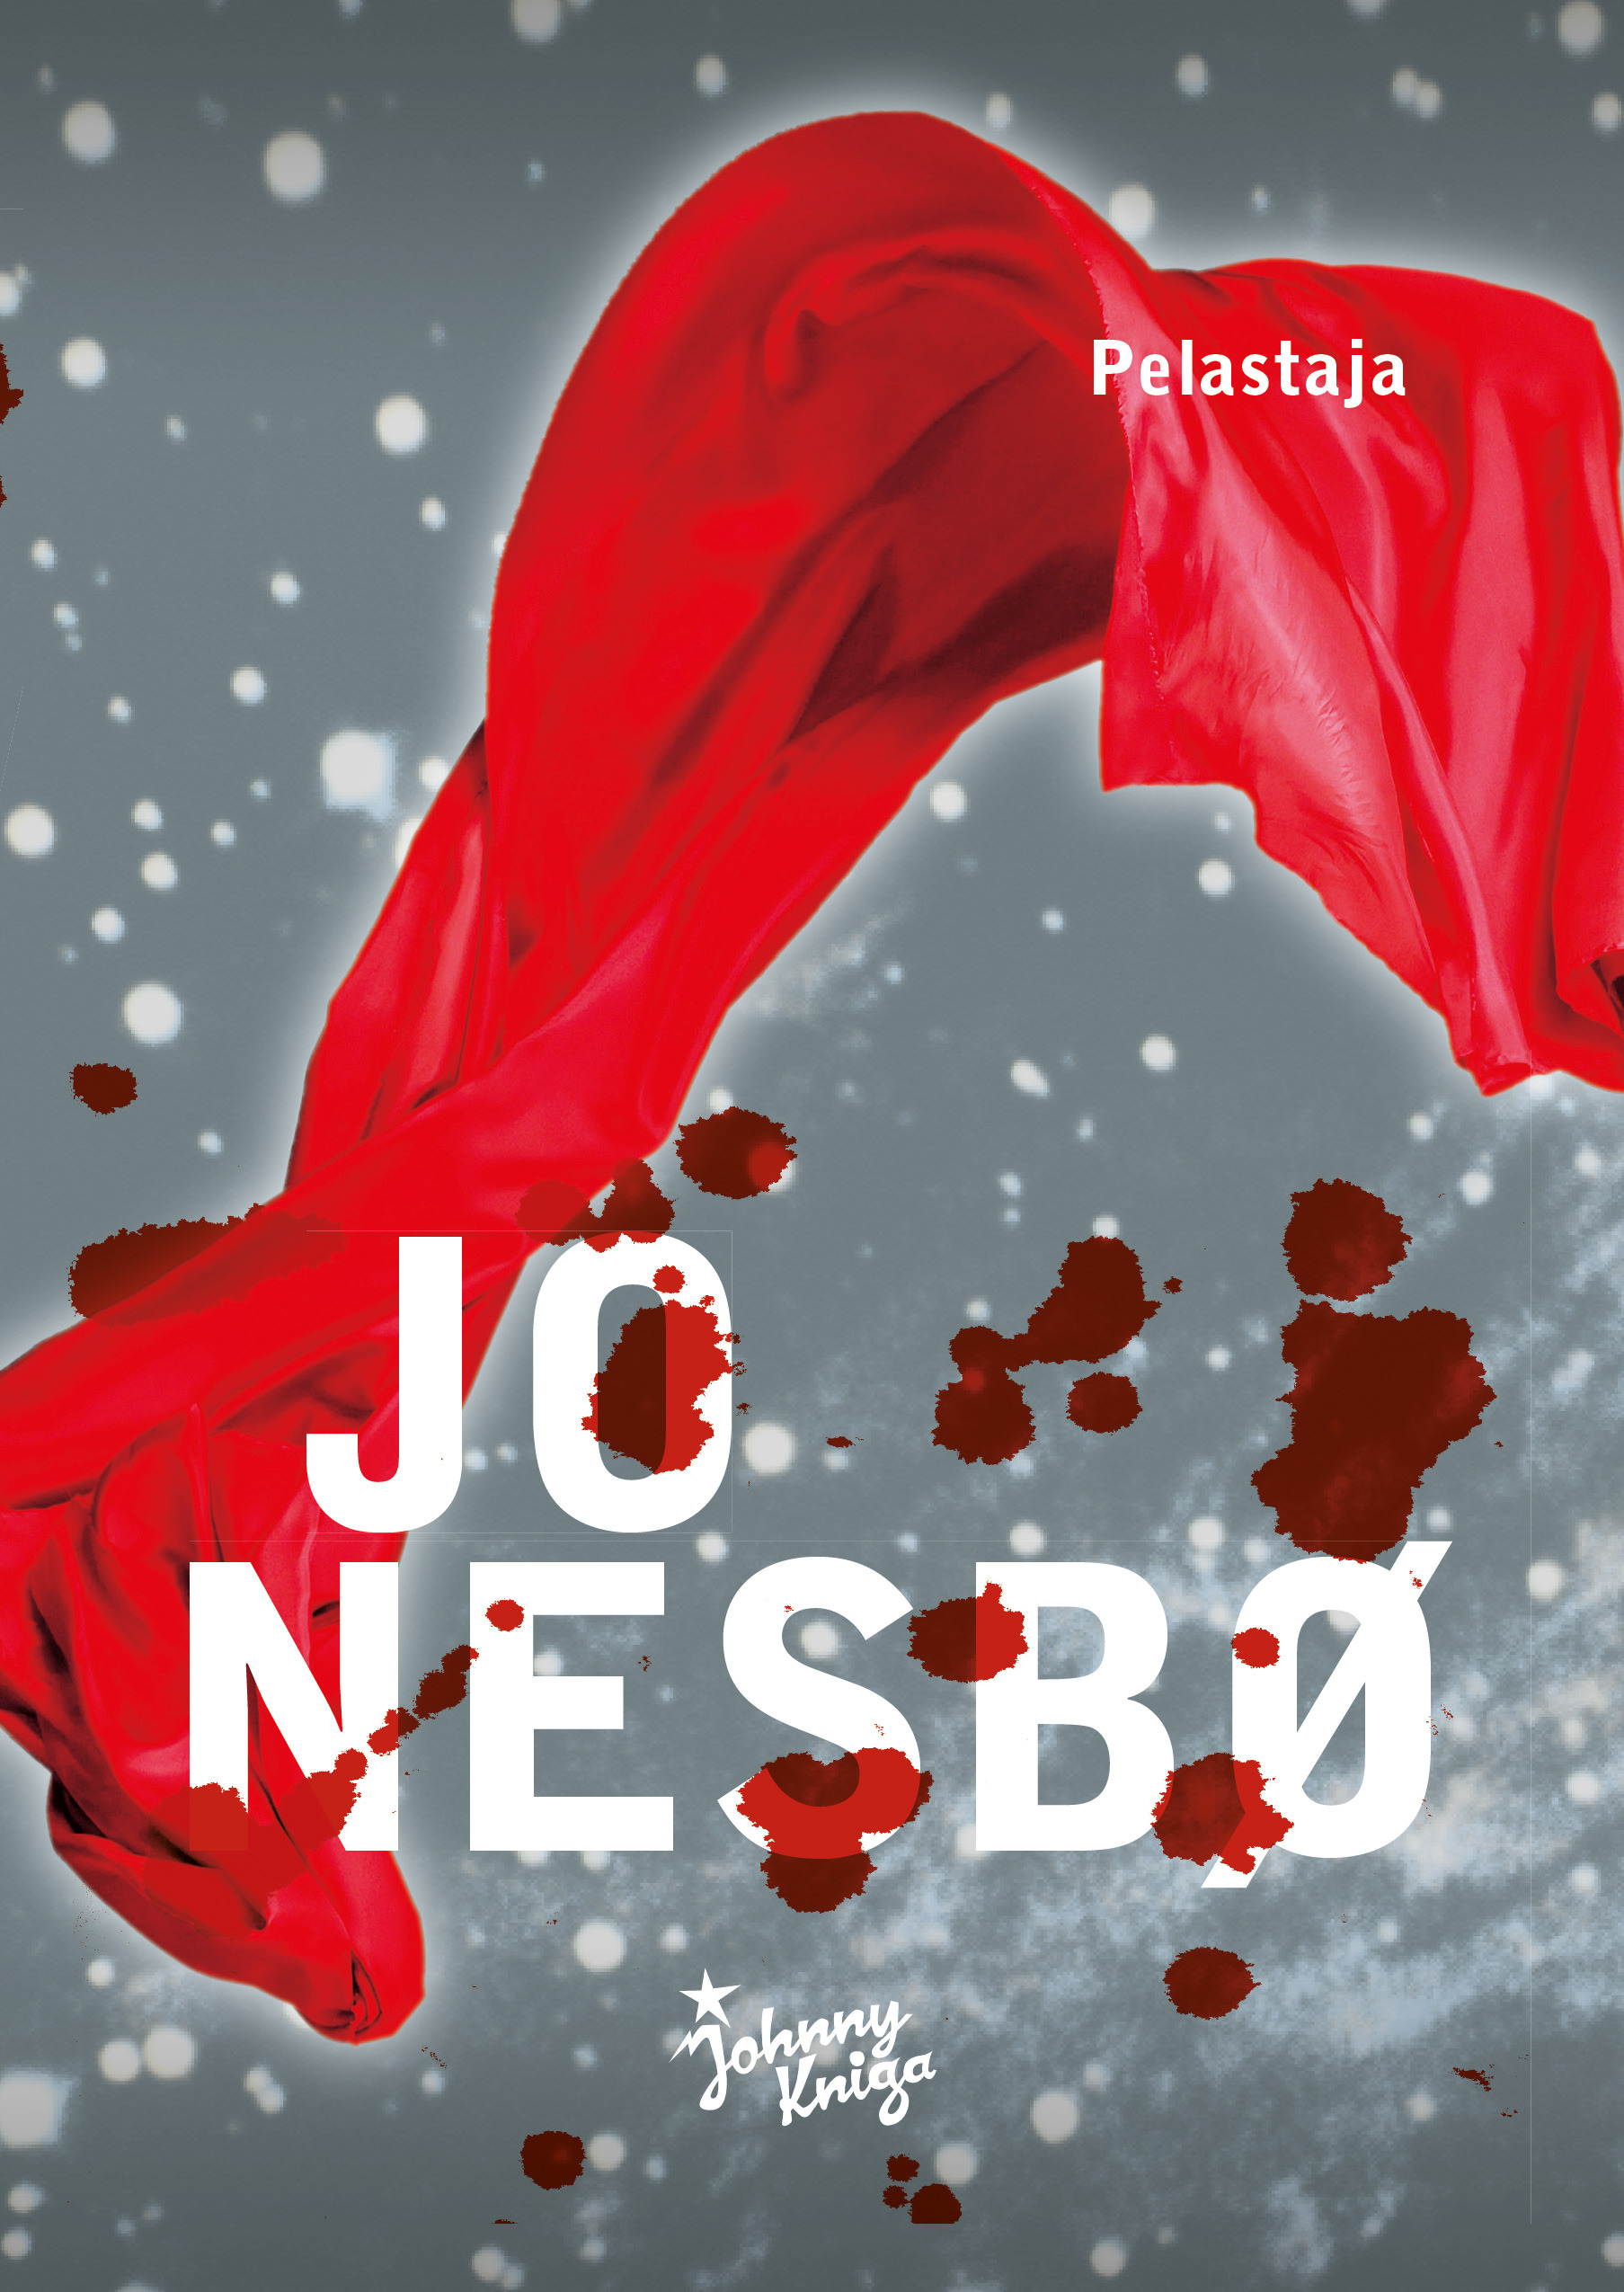 Nesbø, Jo - Pelastaja, e-kirja